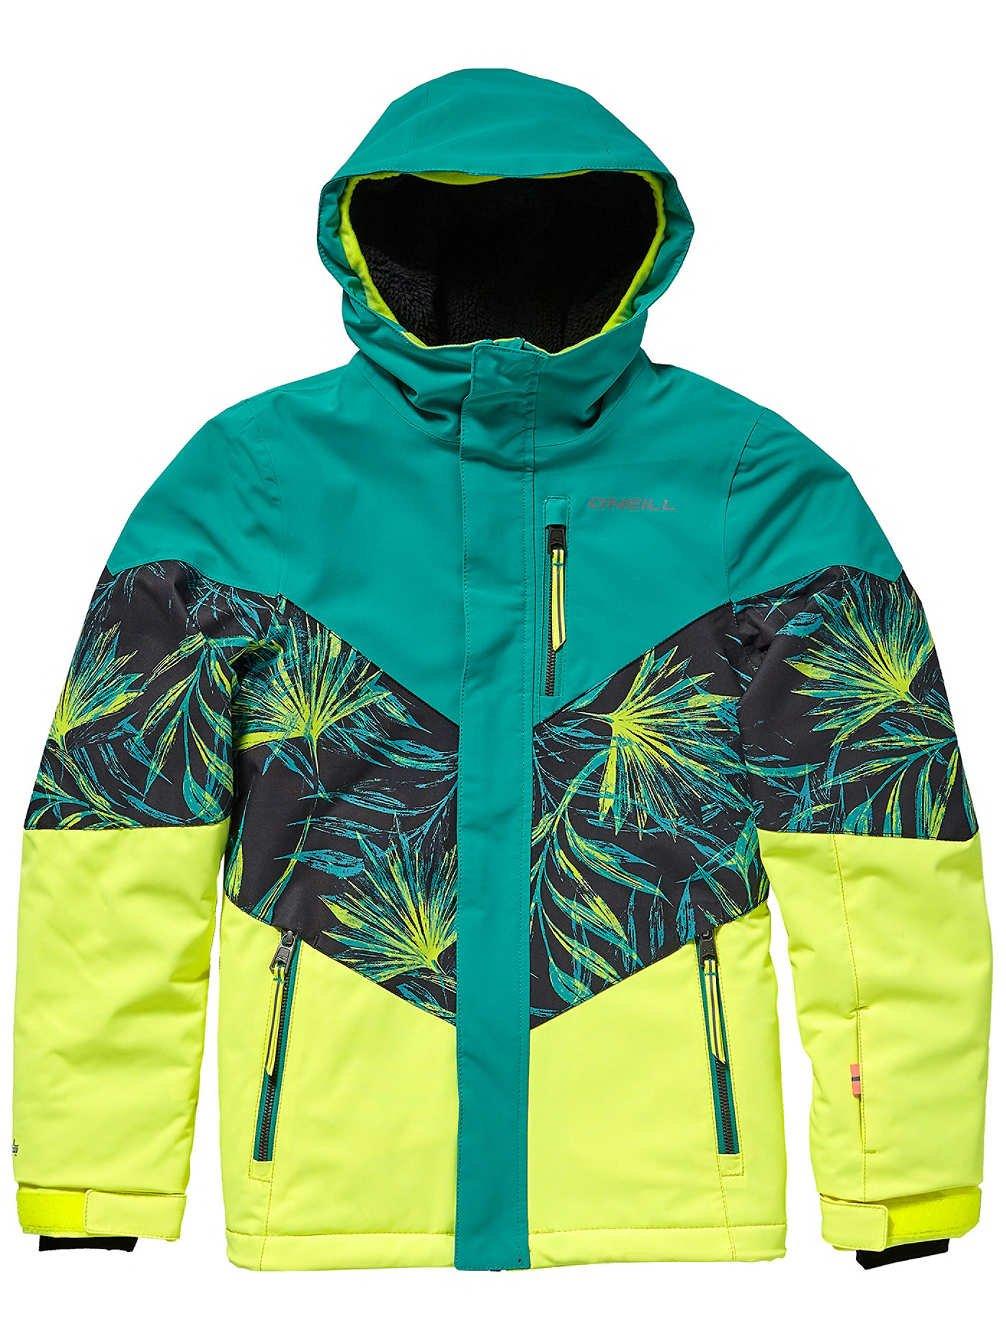 Turquoise 116 cm O'Neill Coral Veste de Snowboard pour Fille 5XL